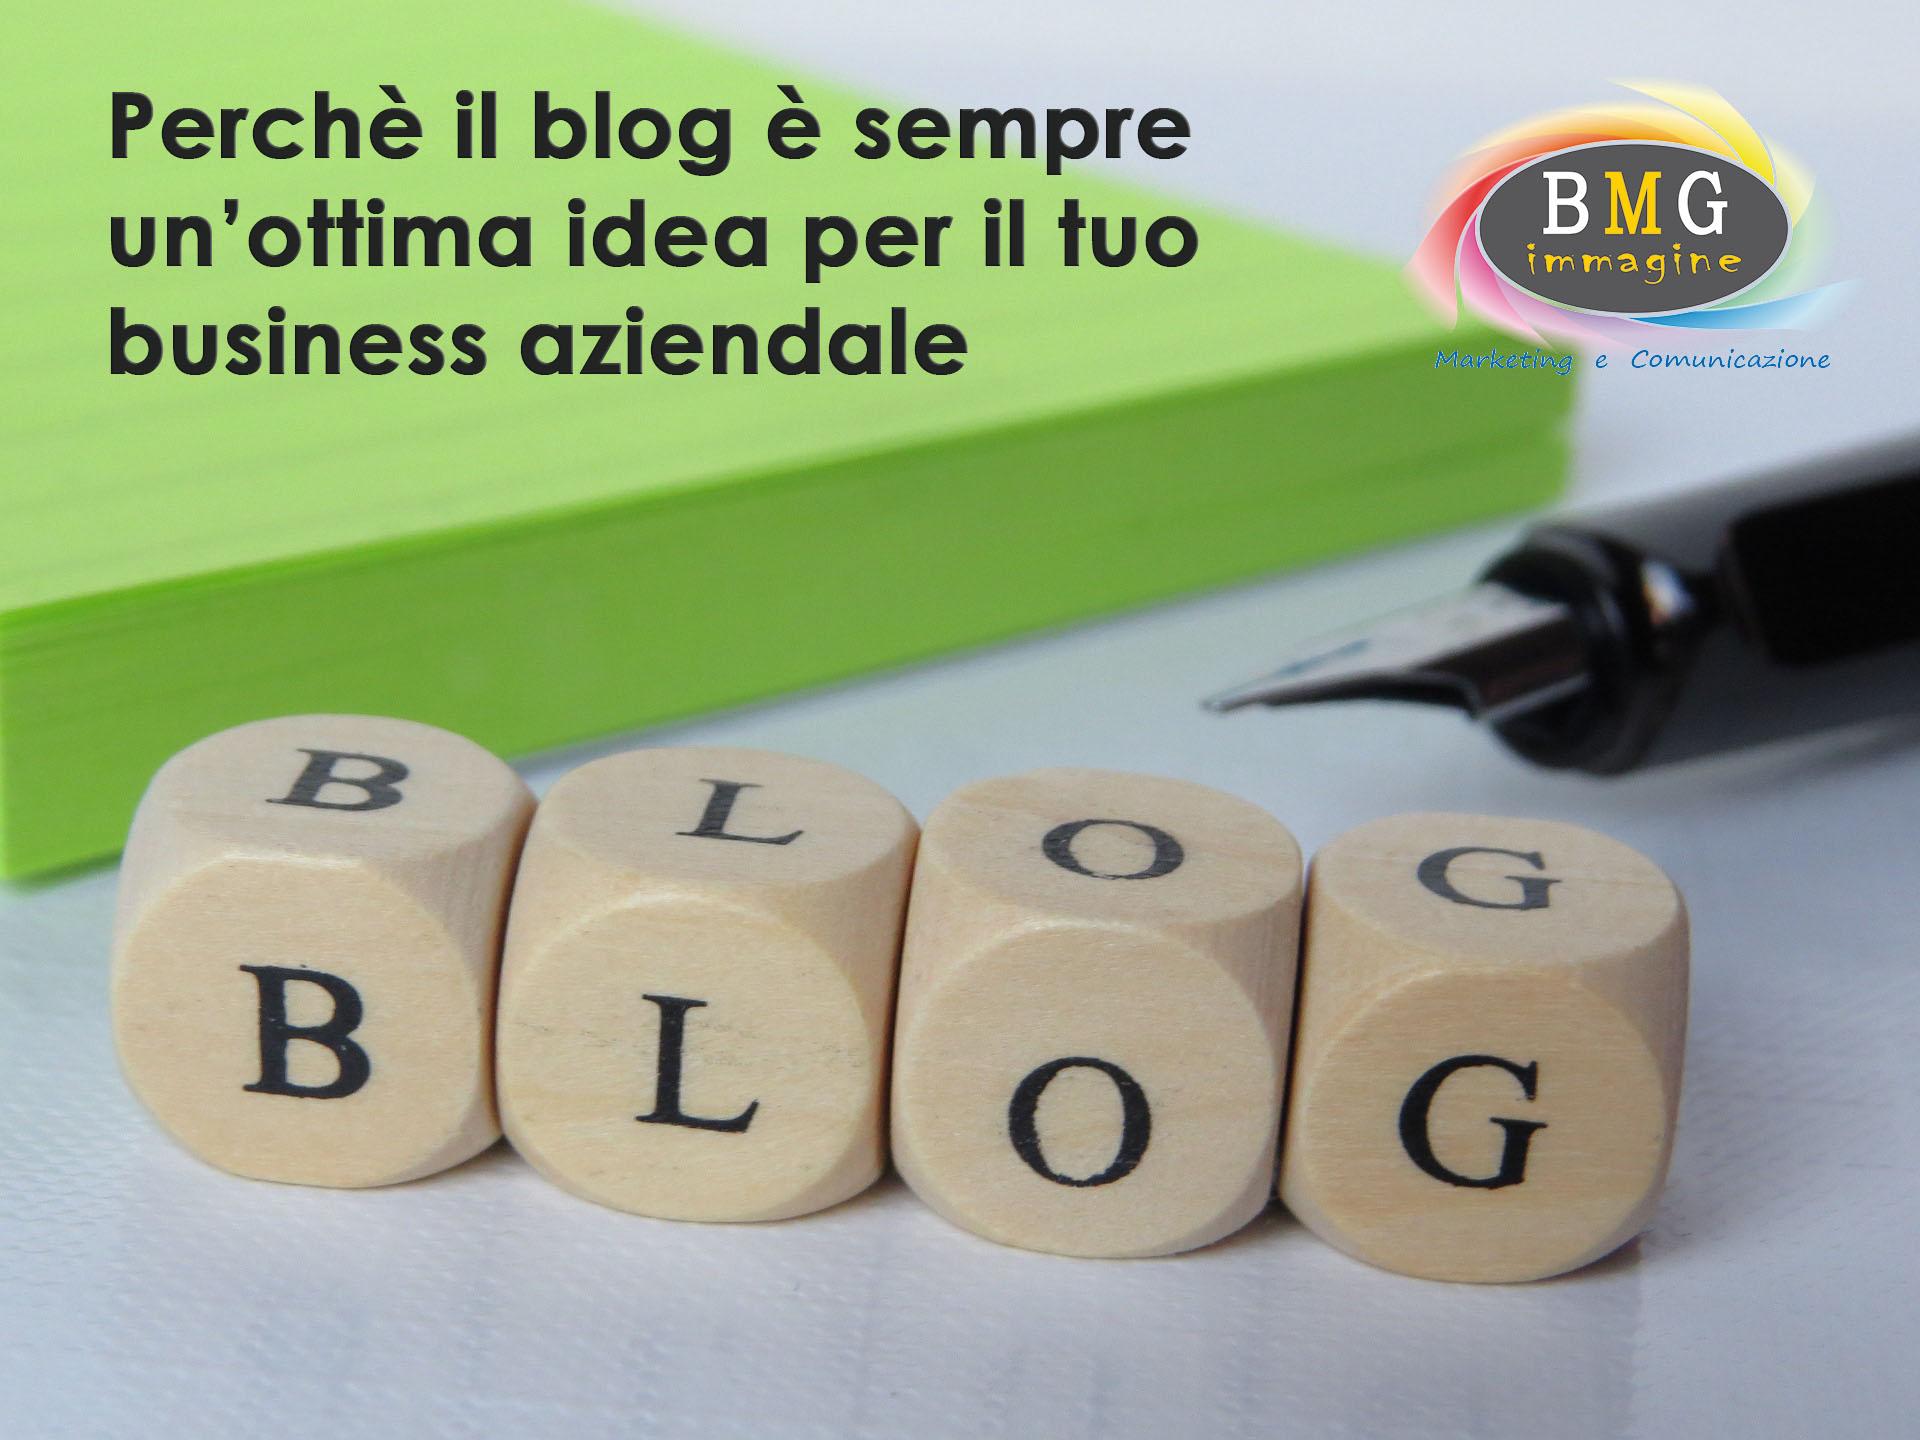 Perchè il blog è sempre una buona idea per il tuo business aziendale